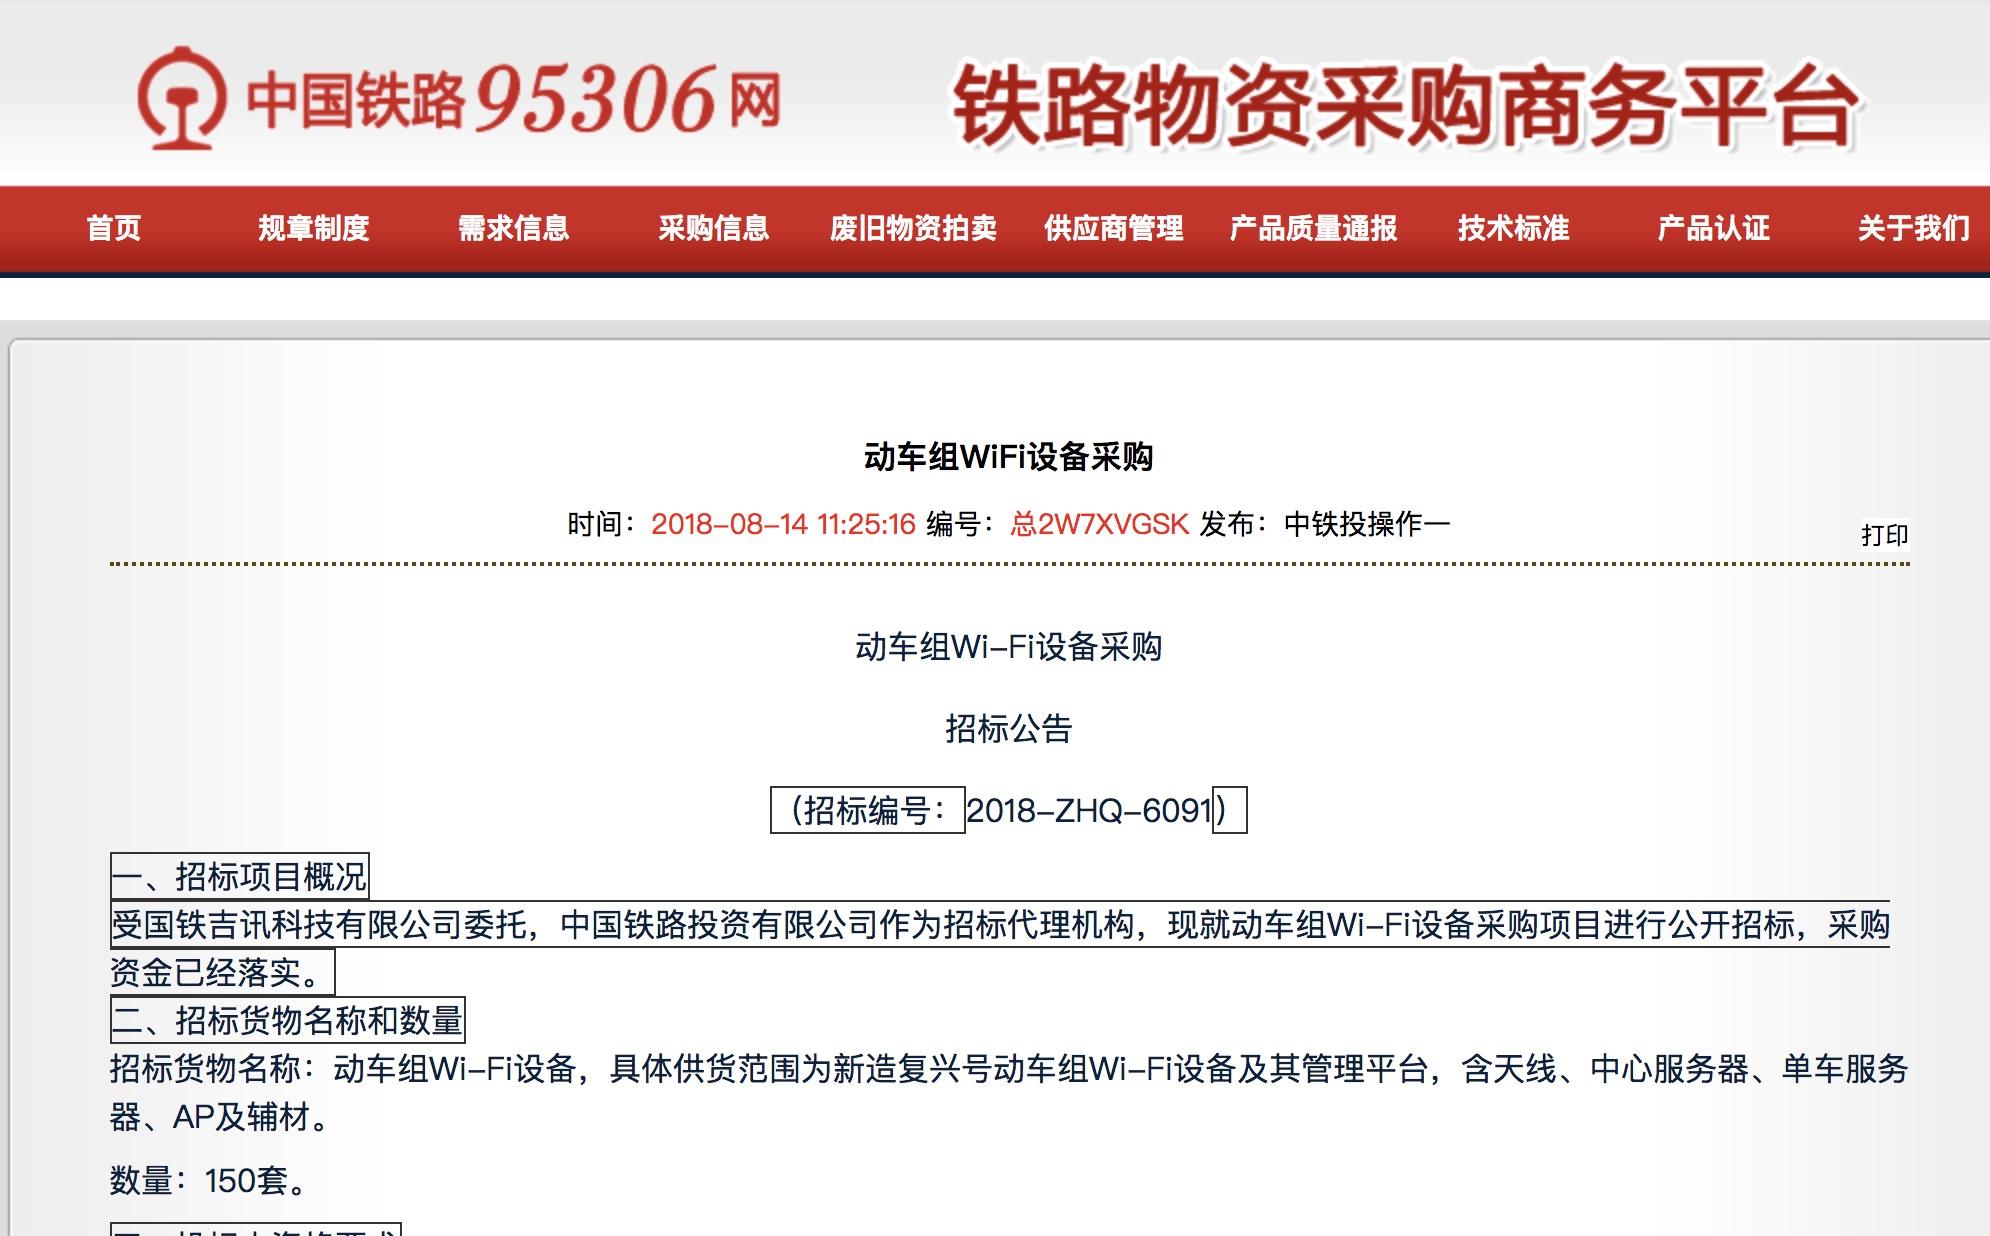 中铁总公开招标采购150套复兴号动车组Wi-Fi设备